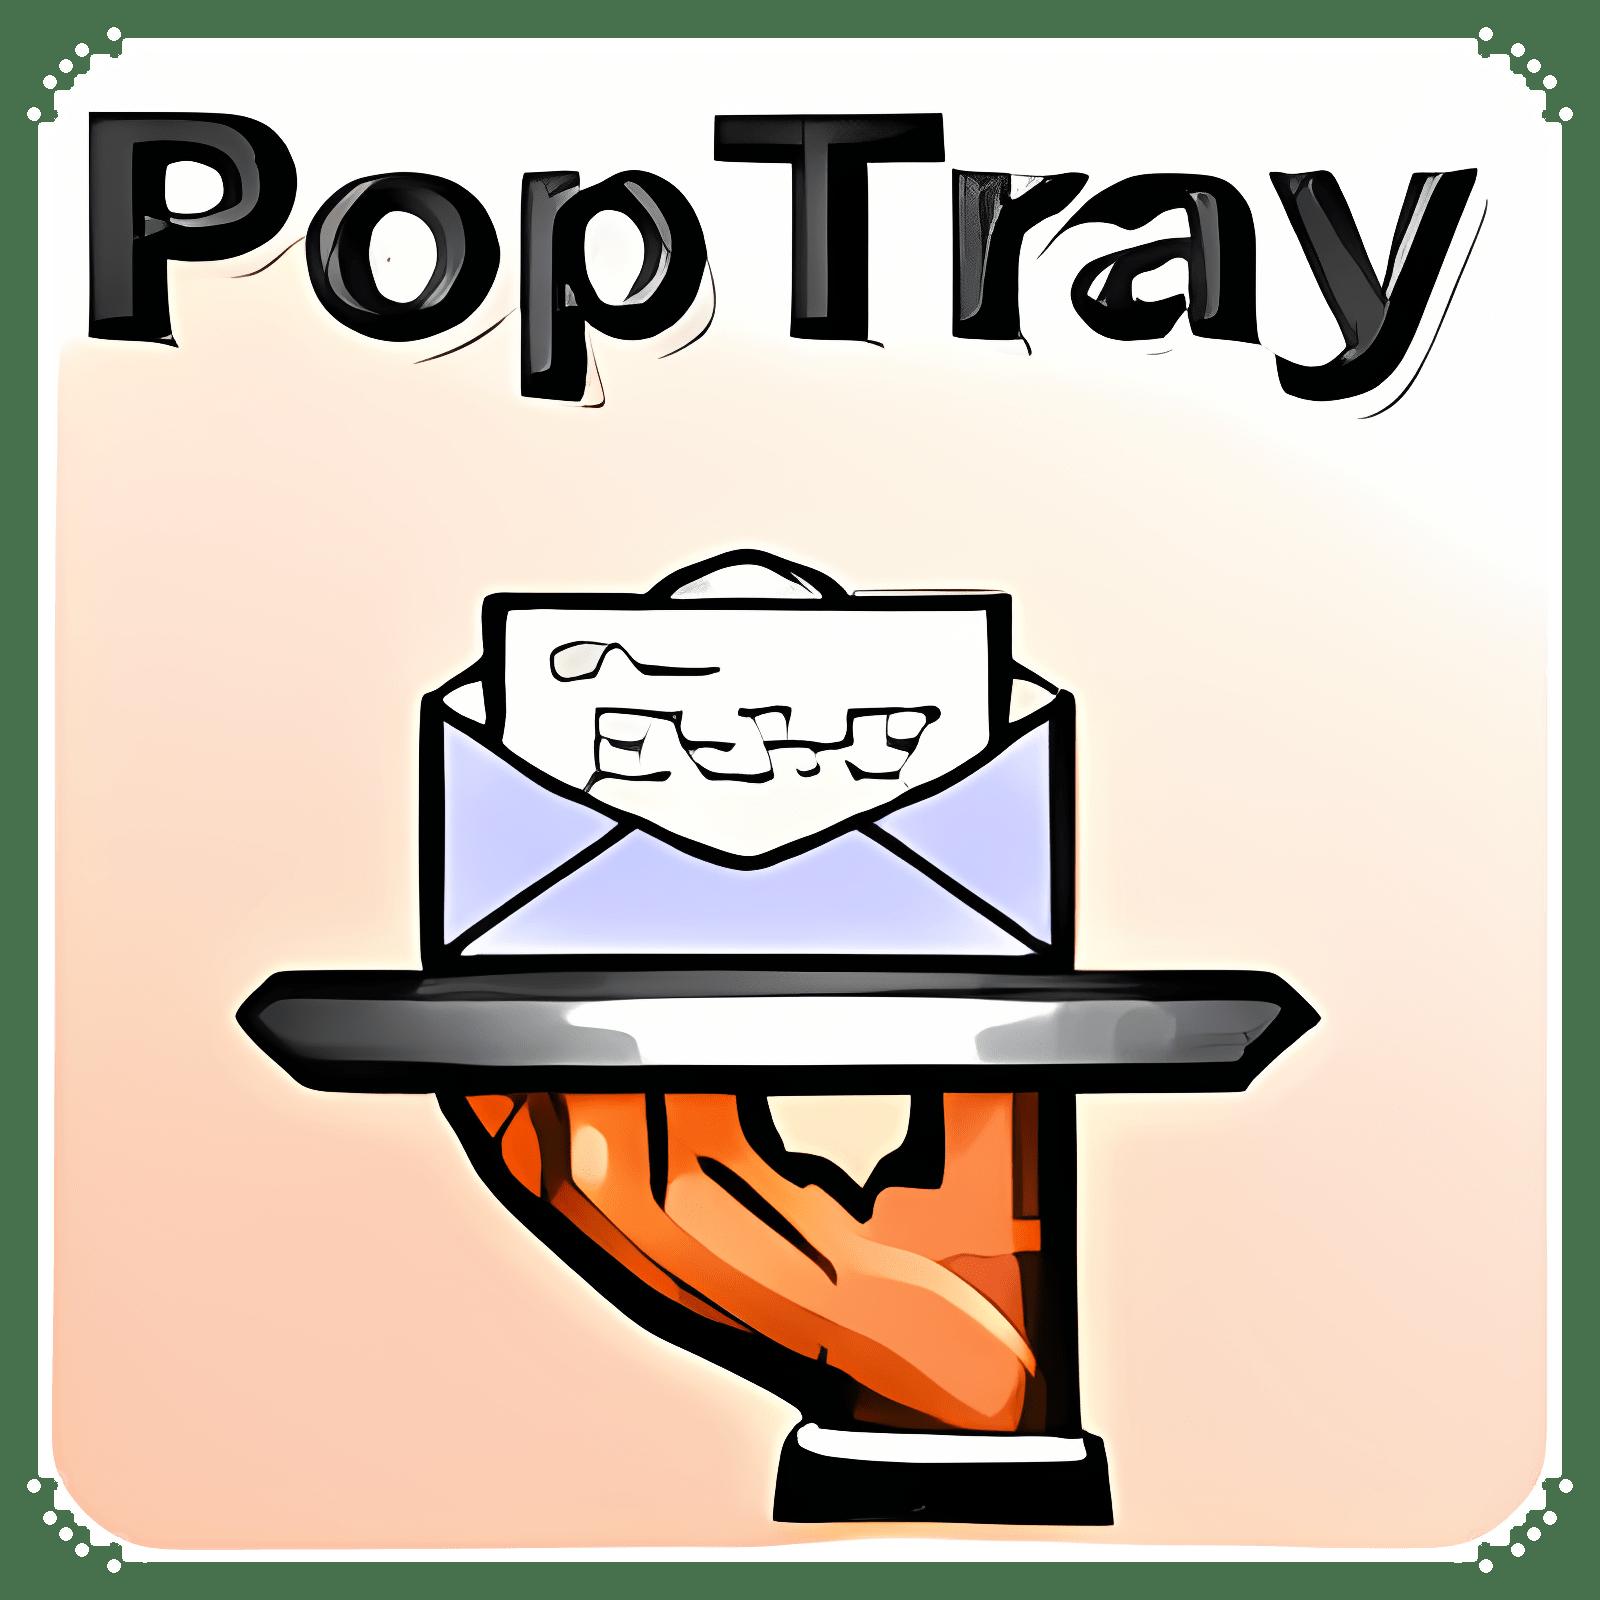 PopTray